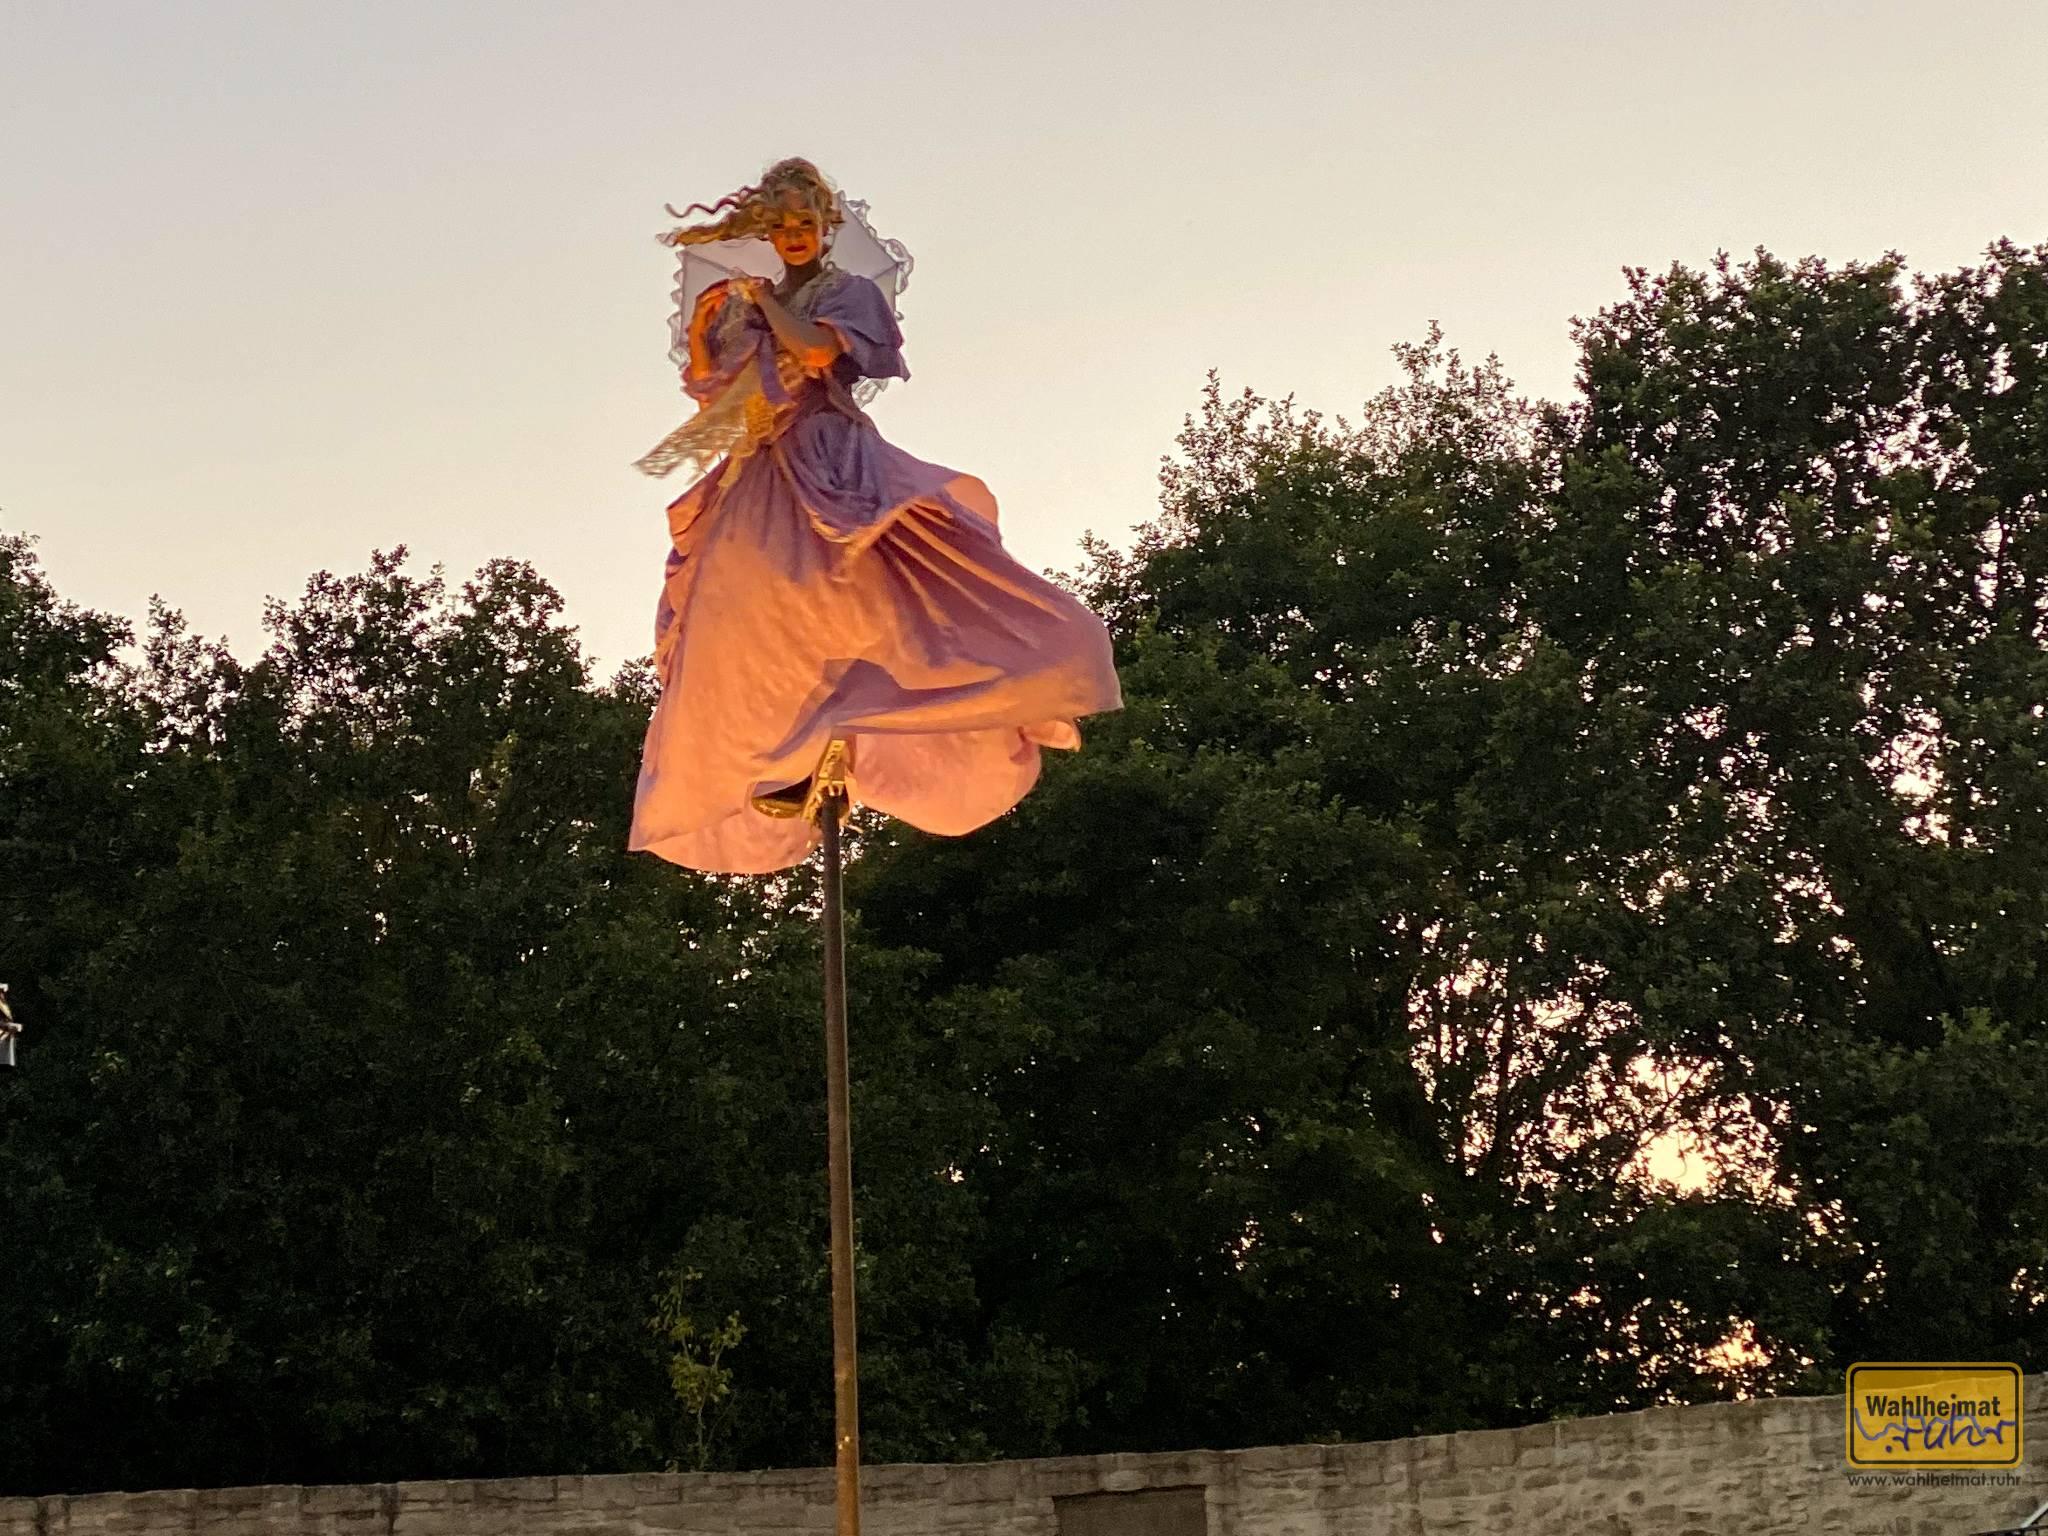 Hui! Die fliegende Luise! Grazil schwebt sie in 5 Meter Höhe durch die Mülheimer Schloss-Luft.